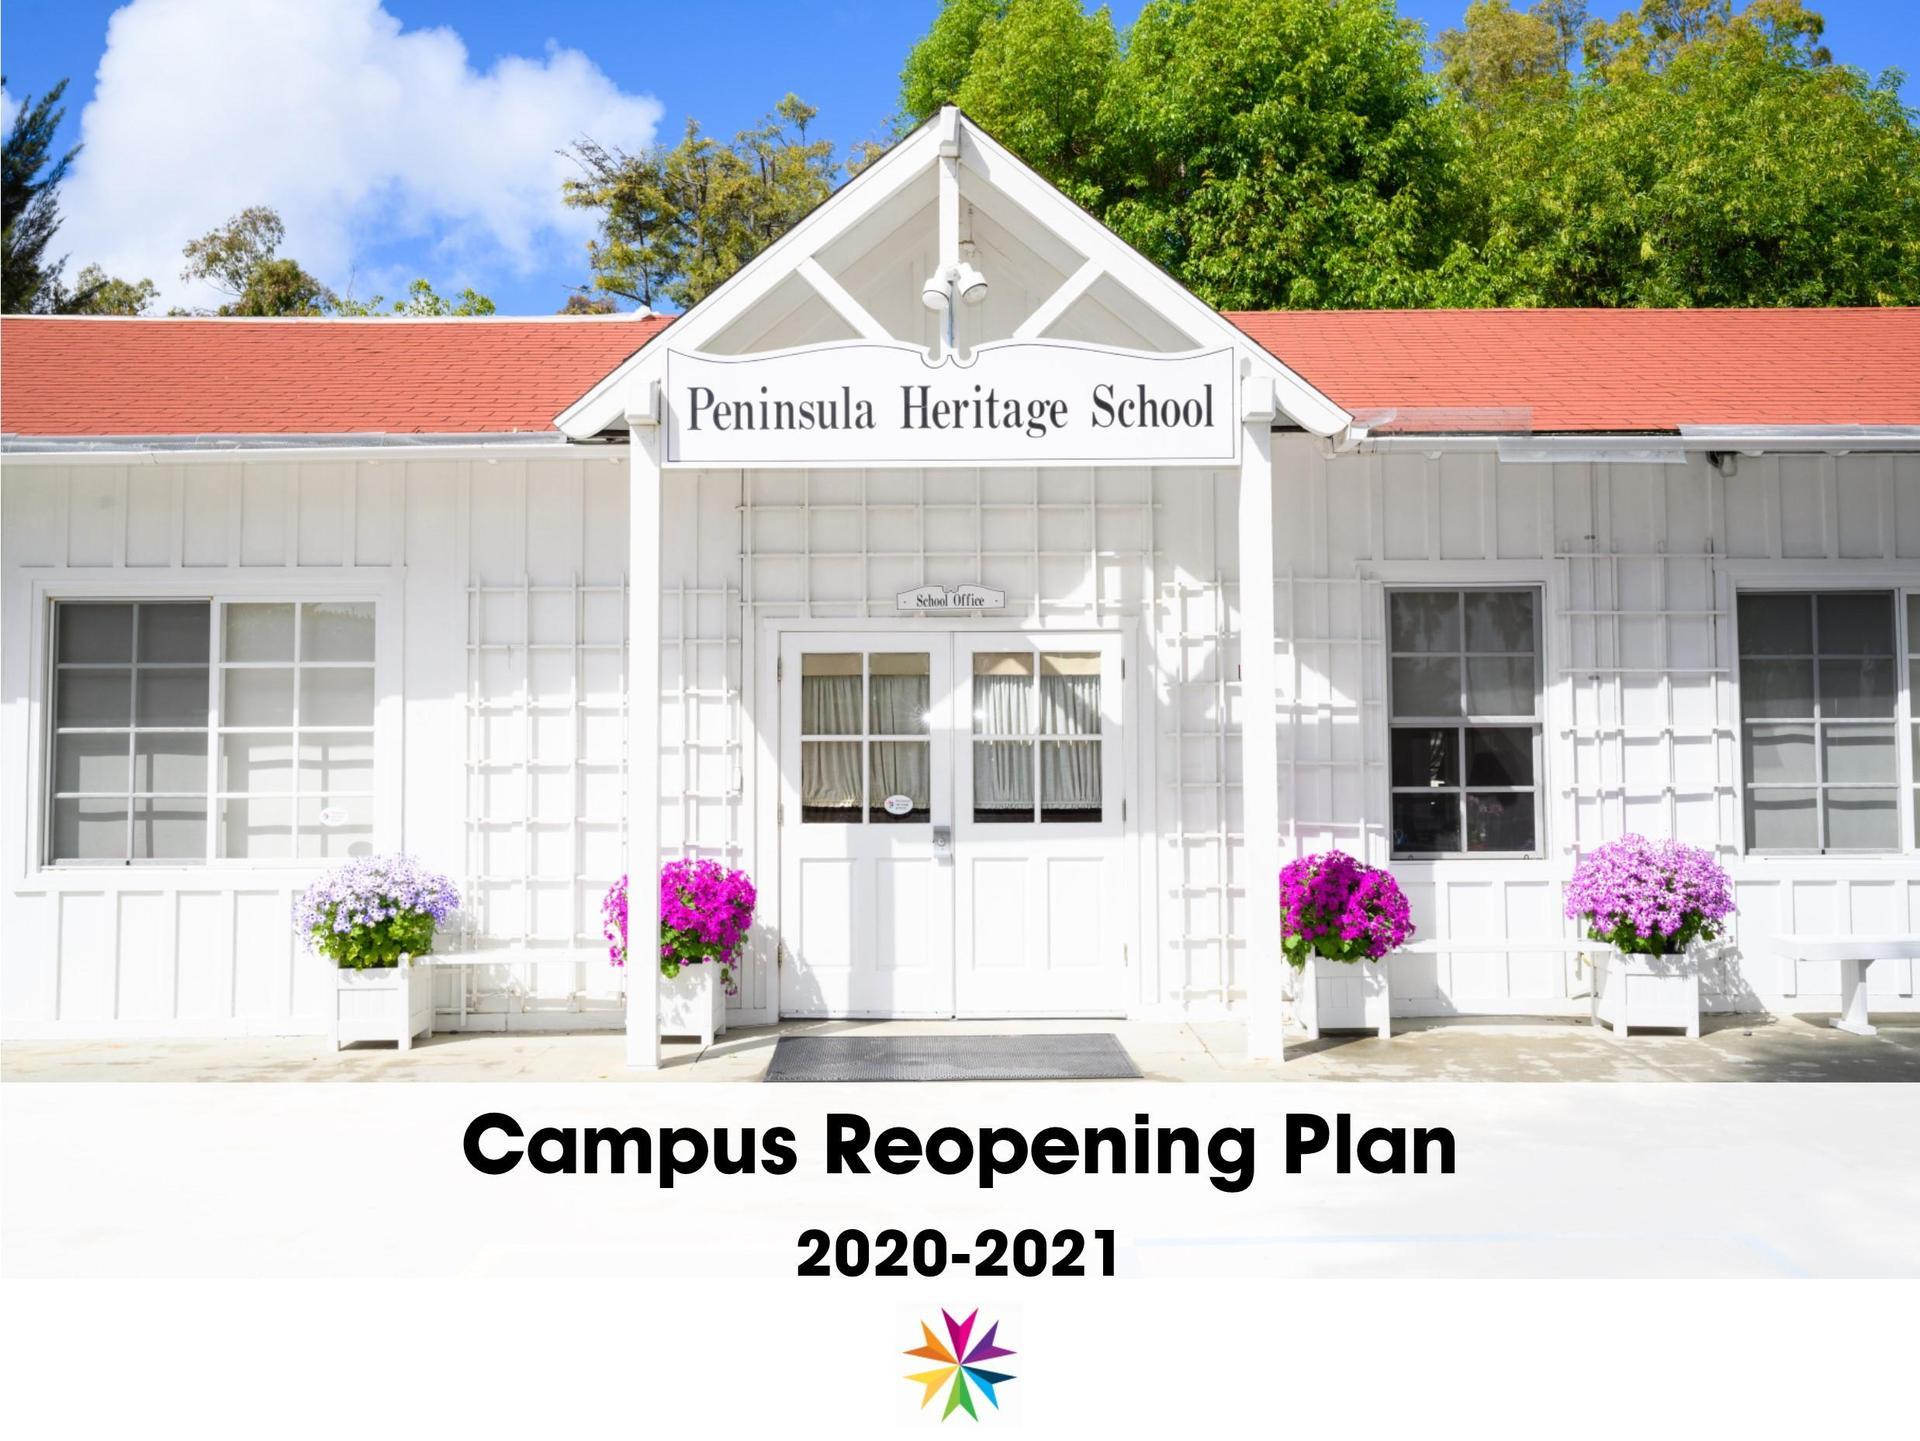 Campus Reopening Plan